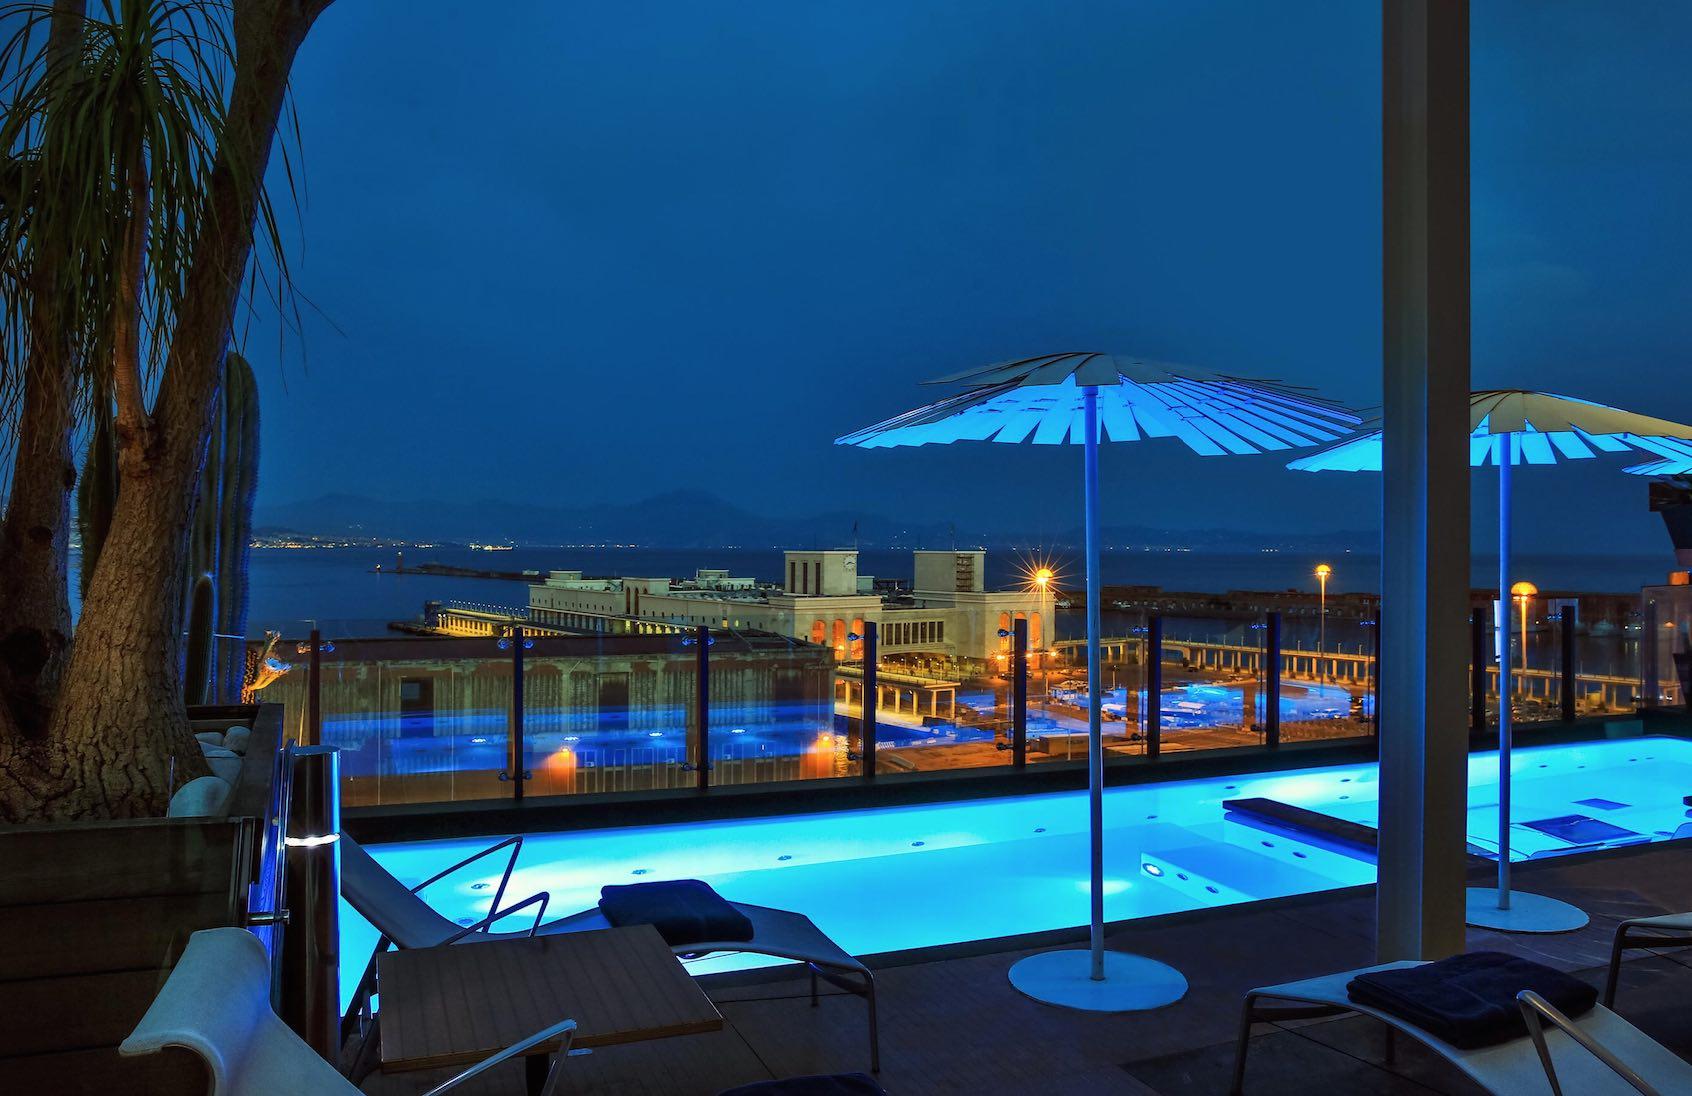 Romeo hotel - Naples View 5.jpg